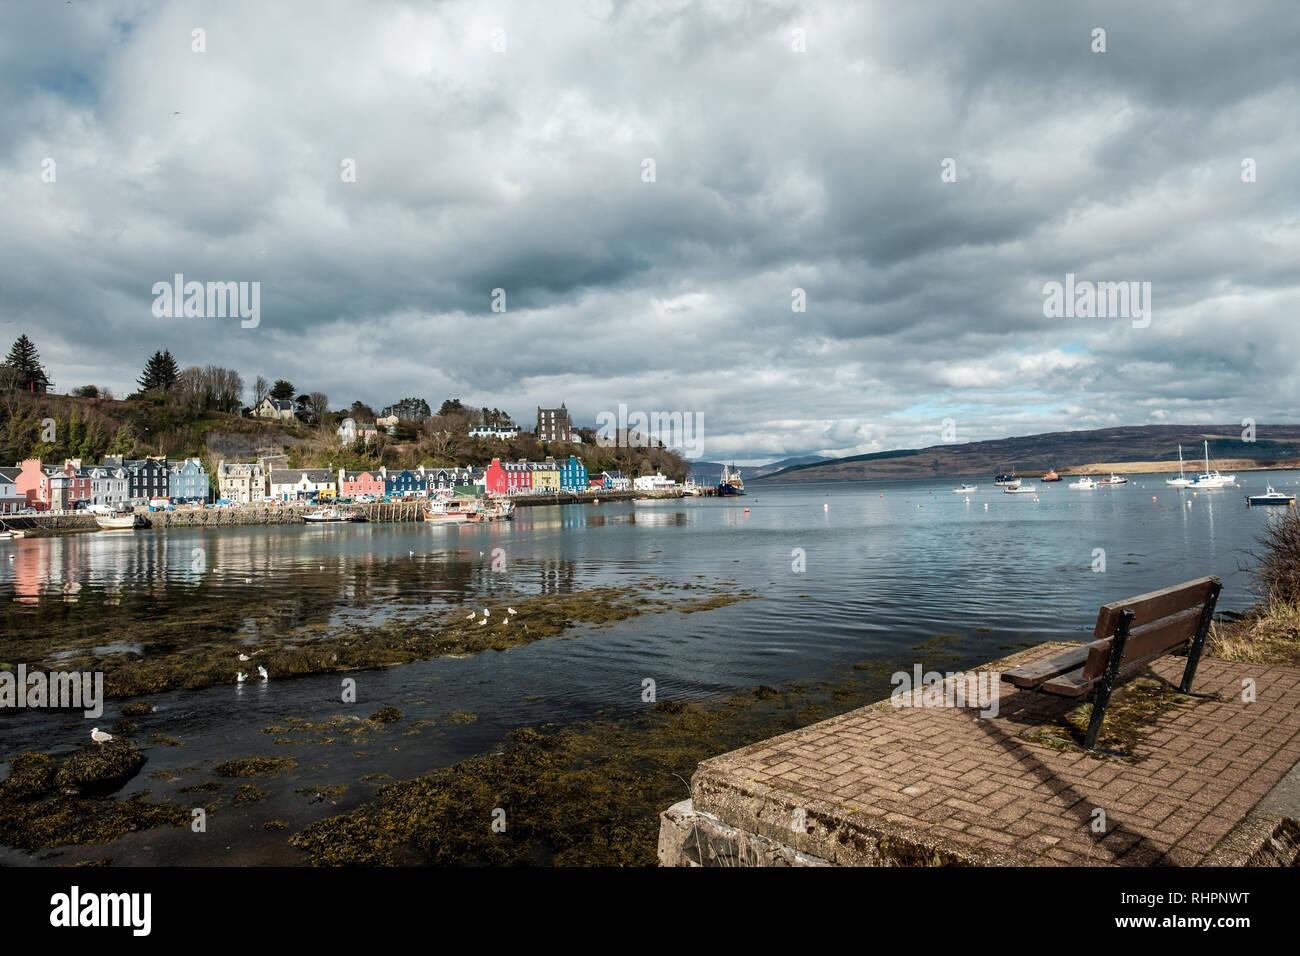 Sitzbank mit Blick auf Tobermory Stadt im Hintergrund, Mittwoch, 11 April 2018, Tobermory, Schottland Stockbild